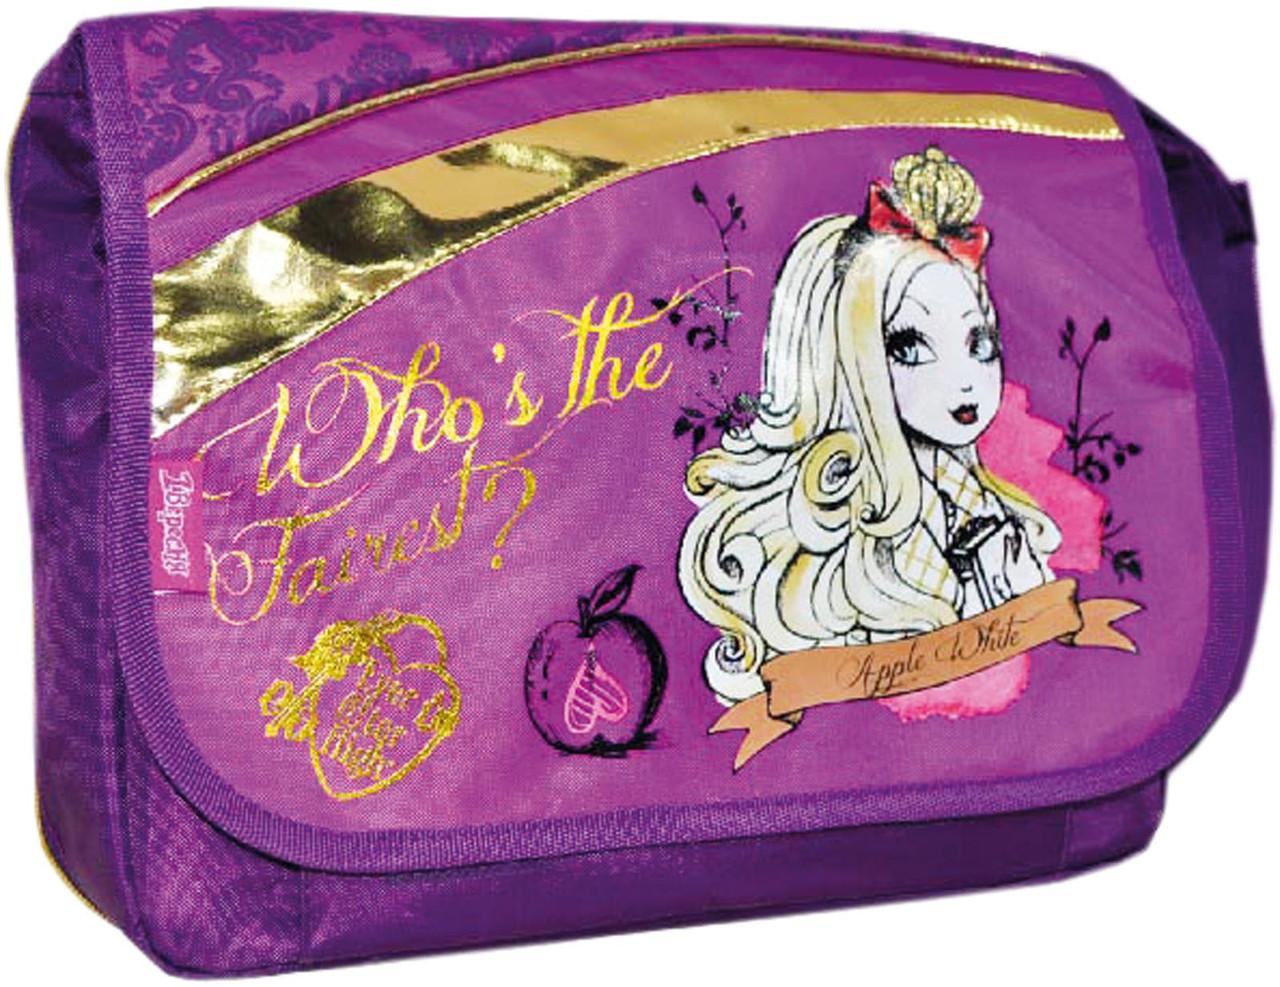 Детская сумка TB-01 Ever after high 1 Вересня 552218 фиолетовая